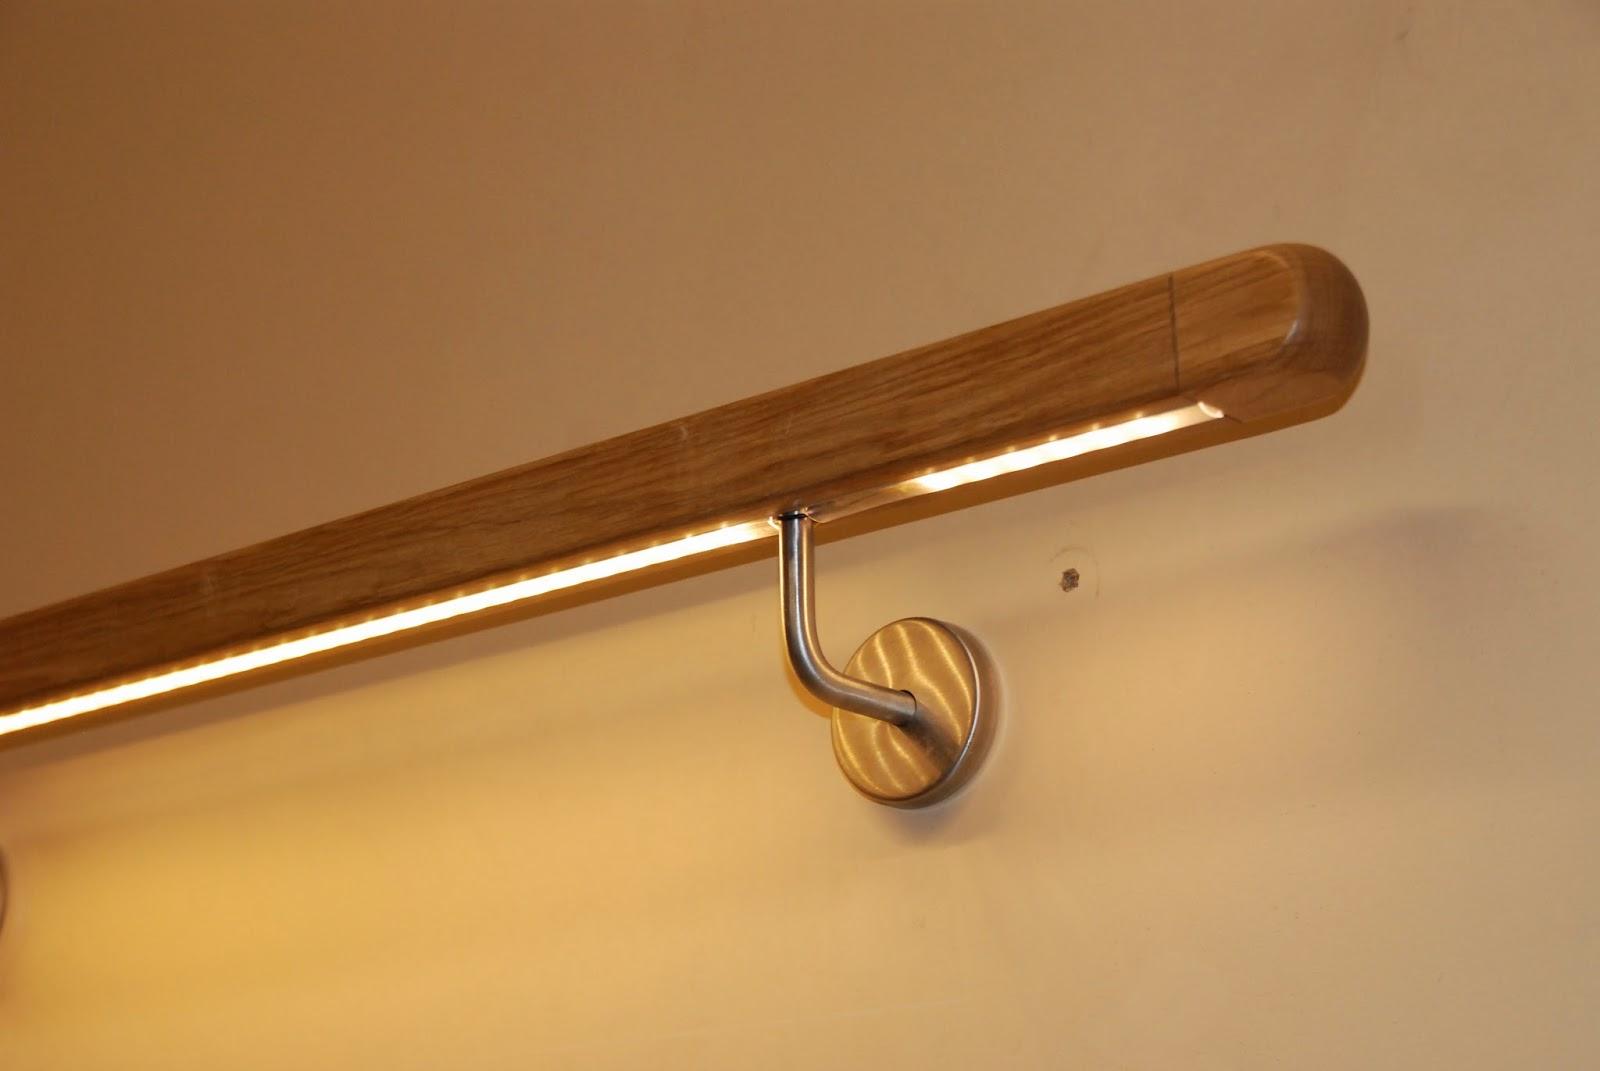 h k treppenrenovierung treppenbeleuchtung im handlauf praktisch und modern. Black Bedroom Furniture Sets. Home Design Ideas